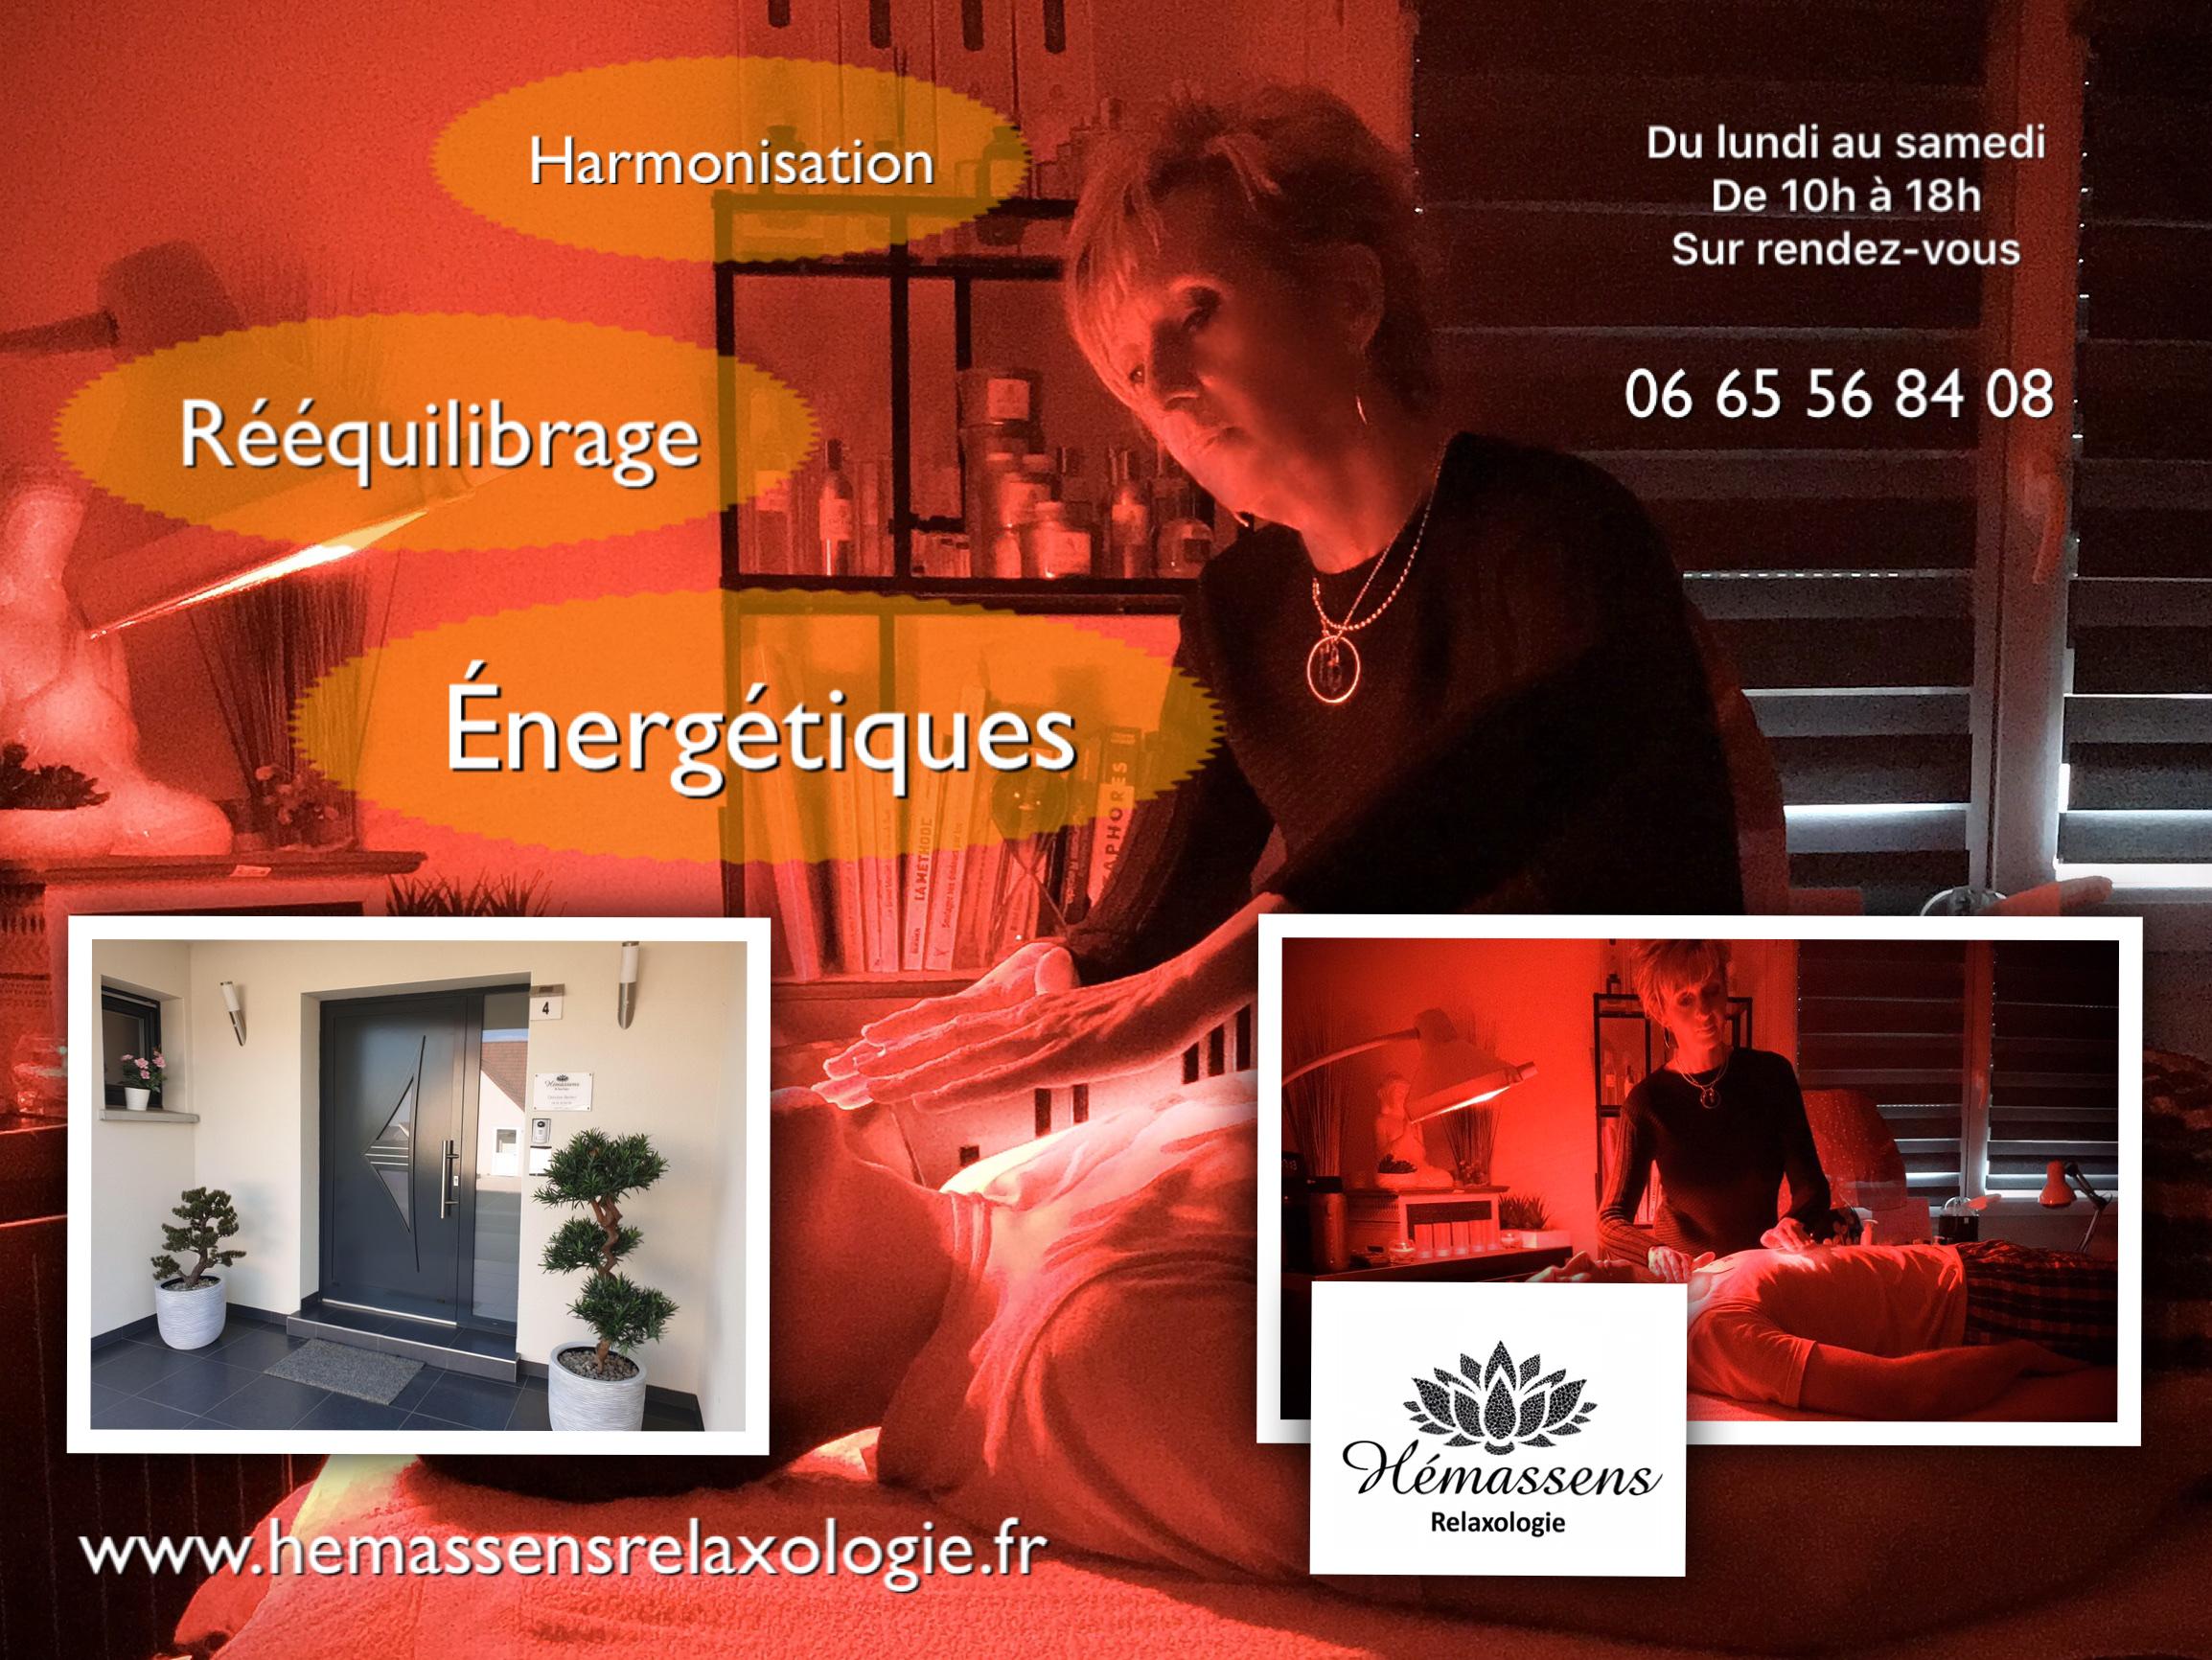 Harmonisation et rééquilibrage énergétiques